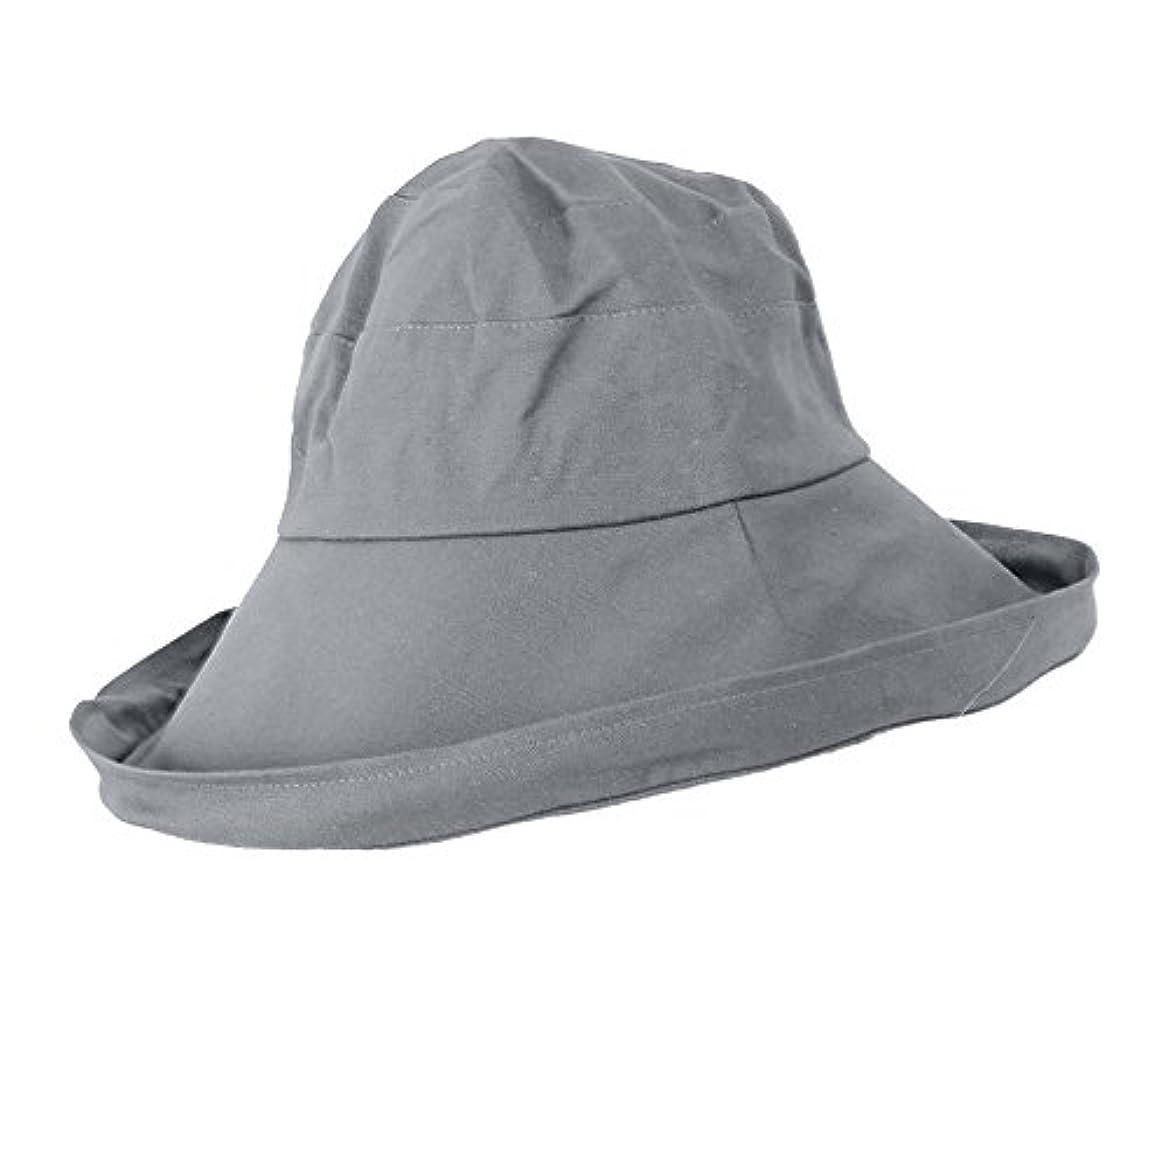 満足できるペルーバケットFenteer 屋外 アウトドア ゴルフ 釣り 帽子 キャップ ワイド 男女用 通気性 吸汗 贈り物 全4色